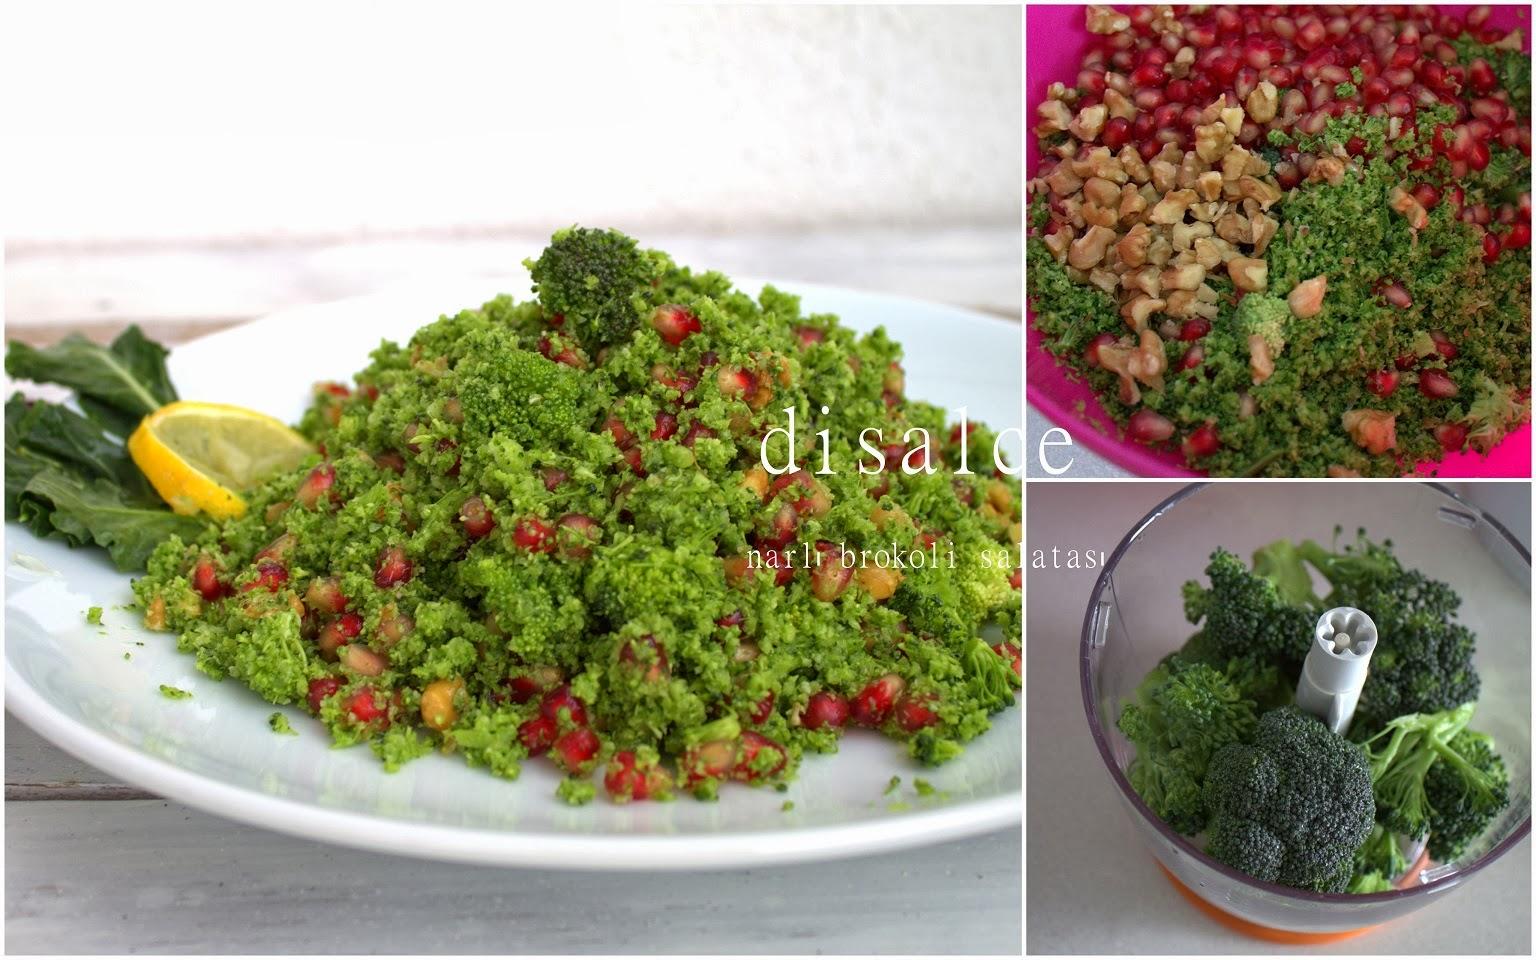 narlı brokoli saltası